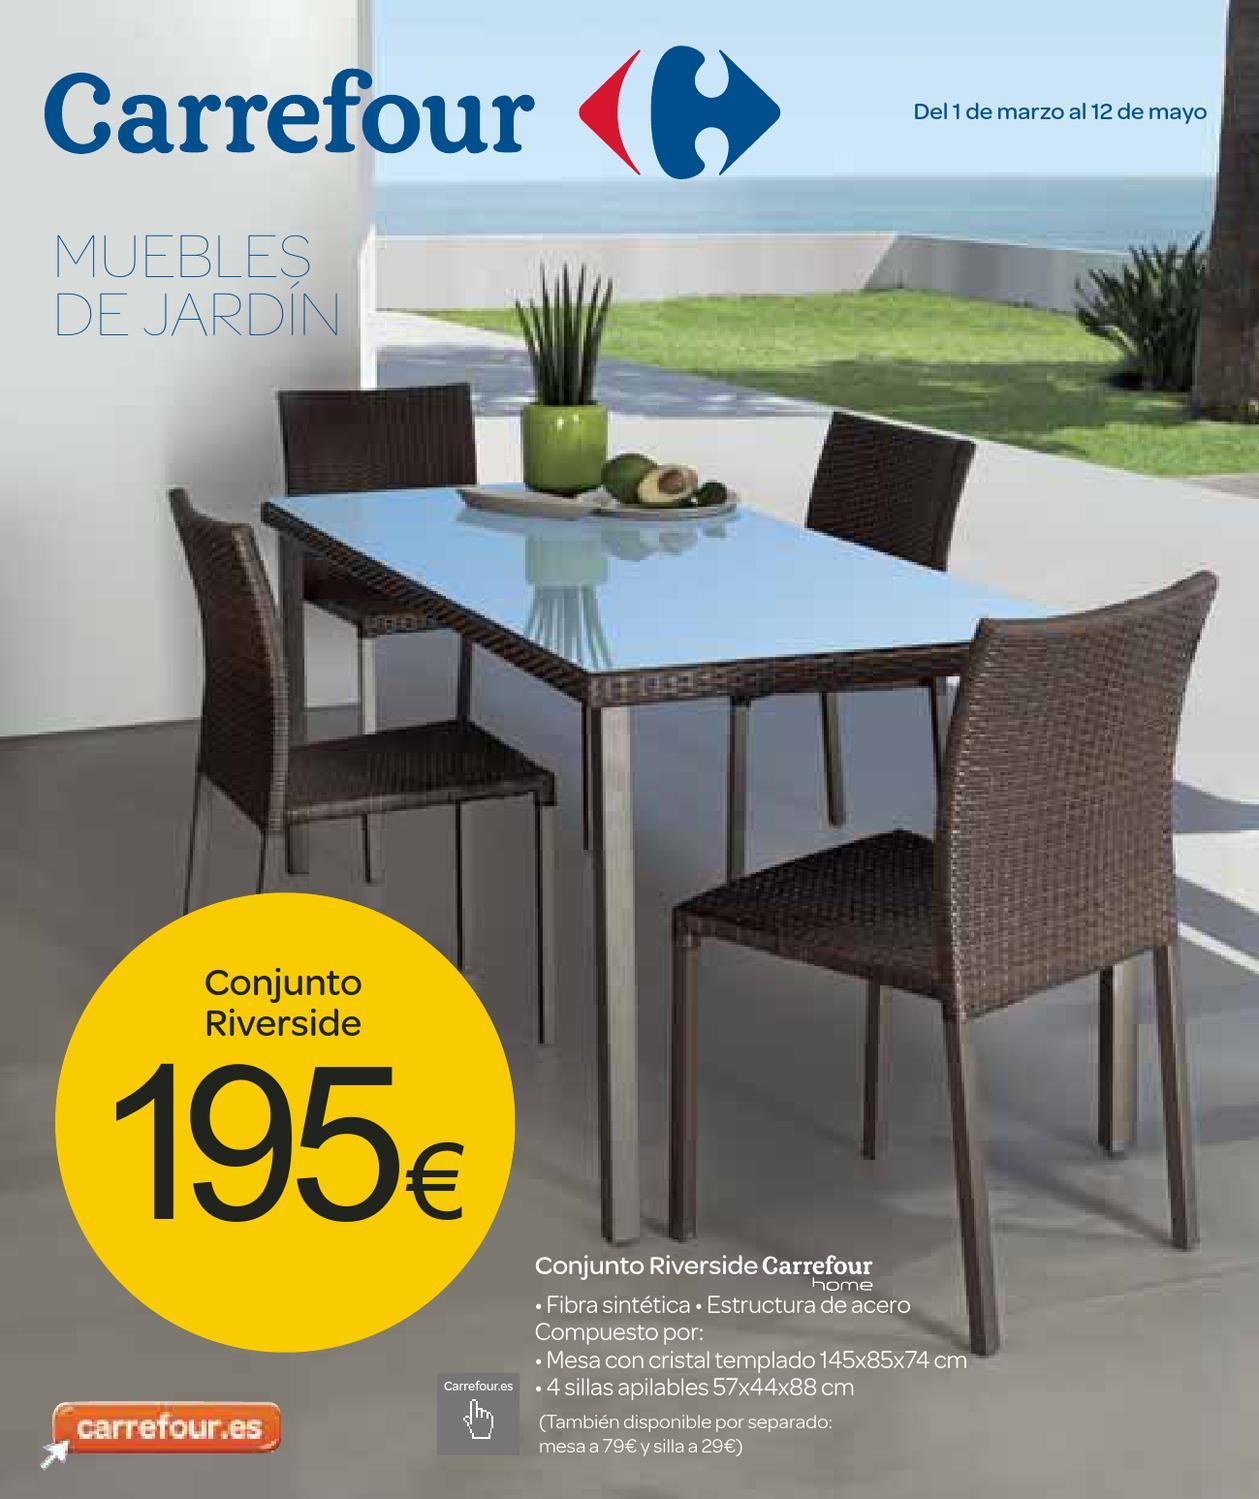 Catalogo de muebles de jardin carrefour 1 de marzo al 12 - Mesas plegables carrefour ...